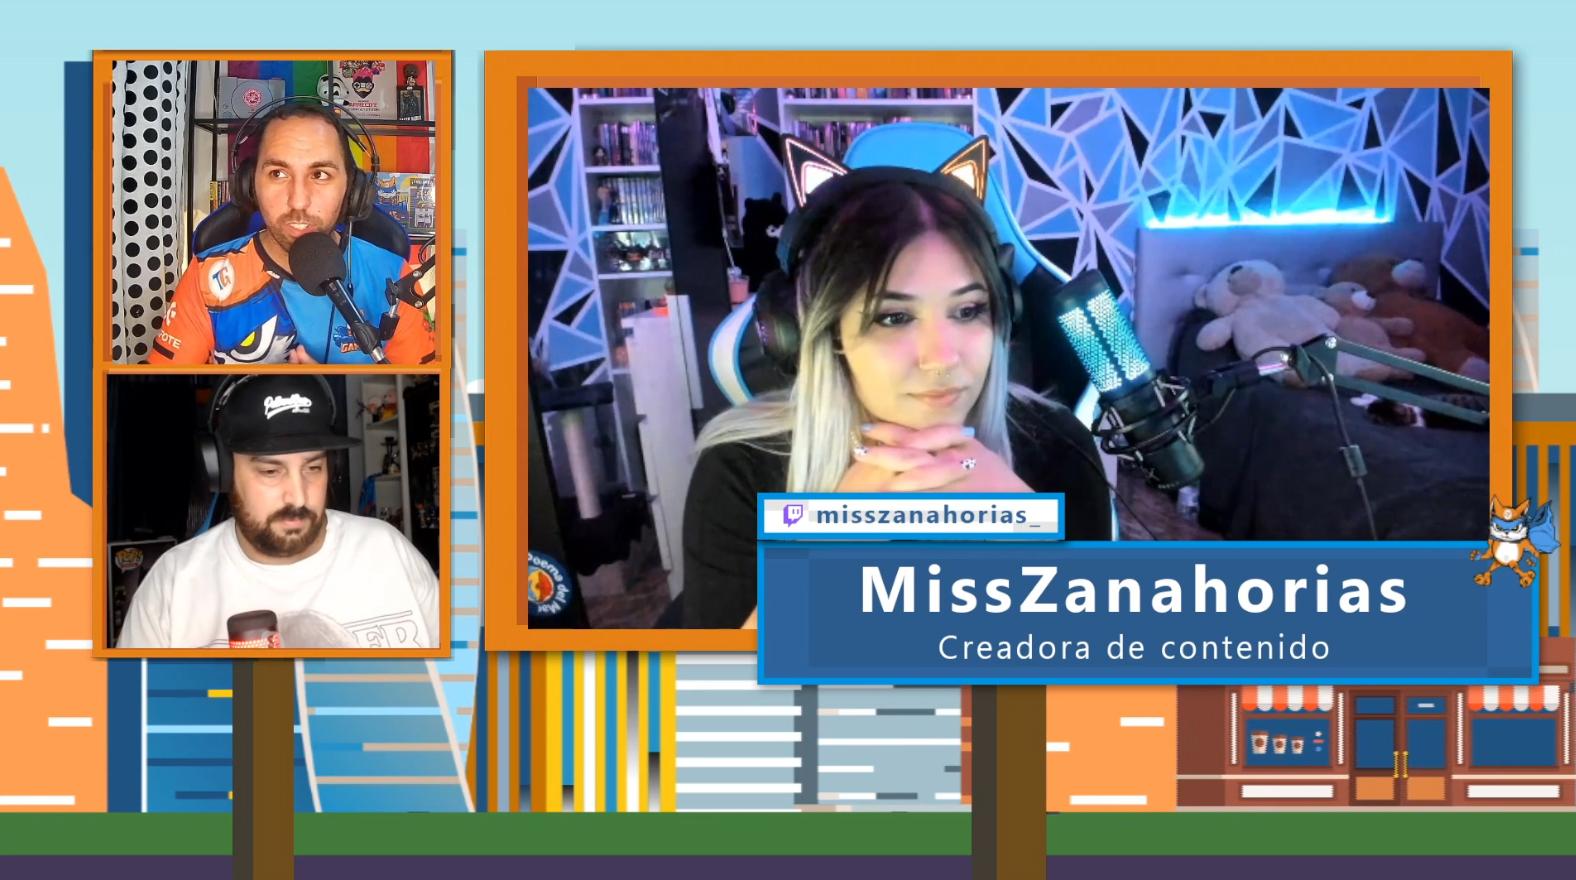 ¡Descubre a la streamer tinerfeña MissZanahorias!